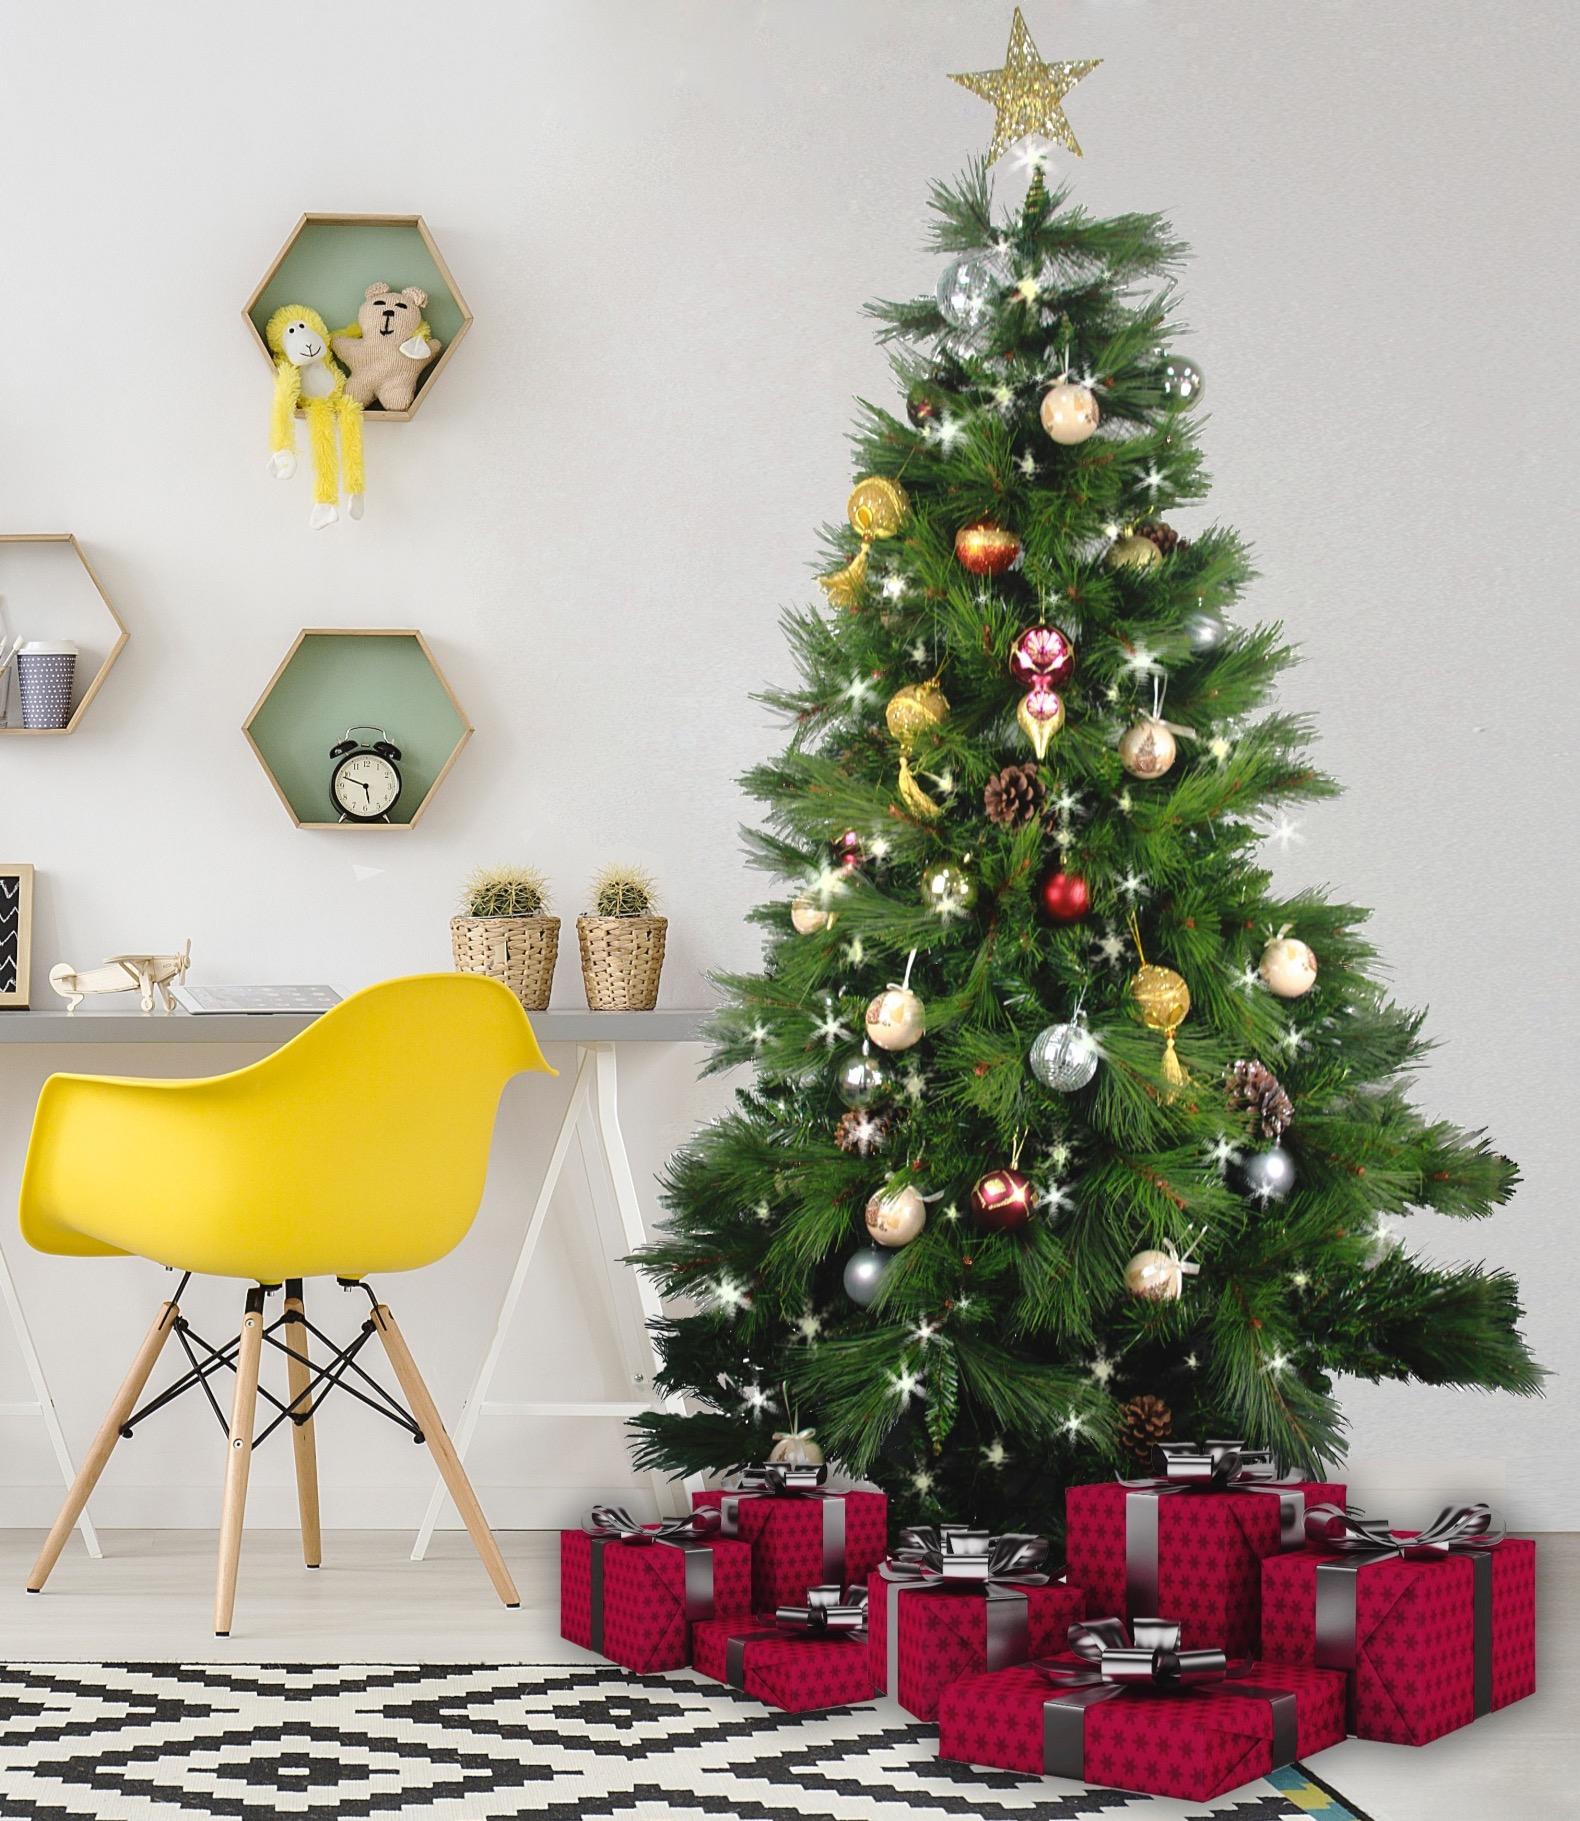 Christmas Giveaway Christmas Tree.jpg